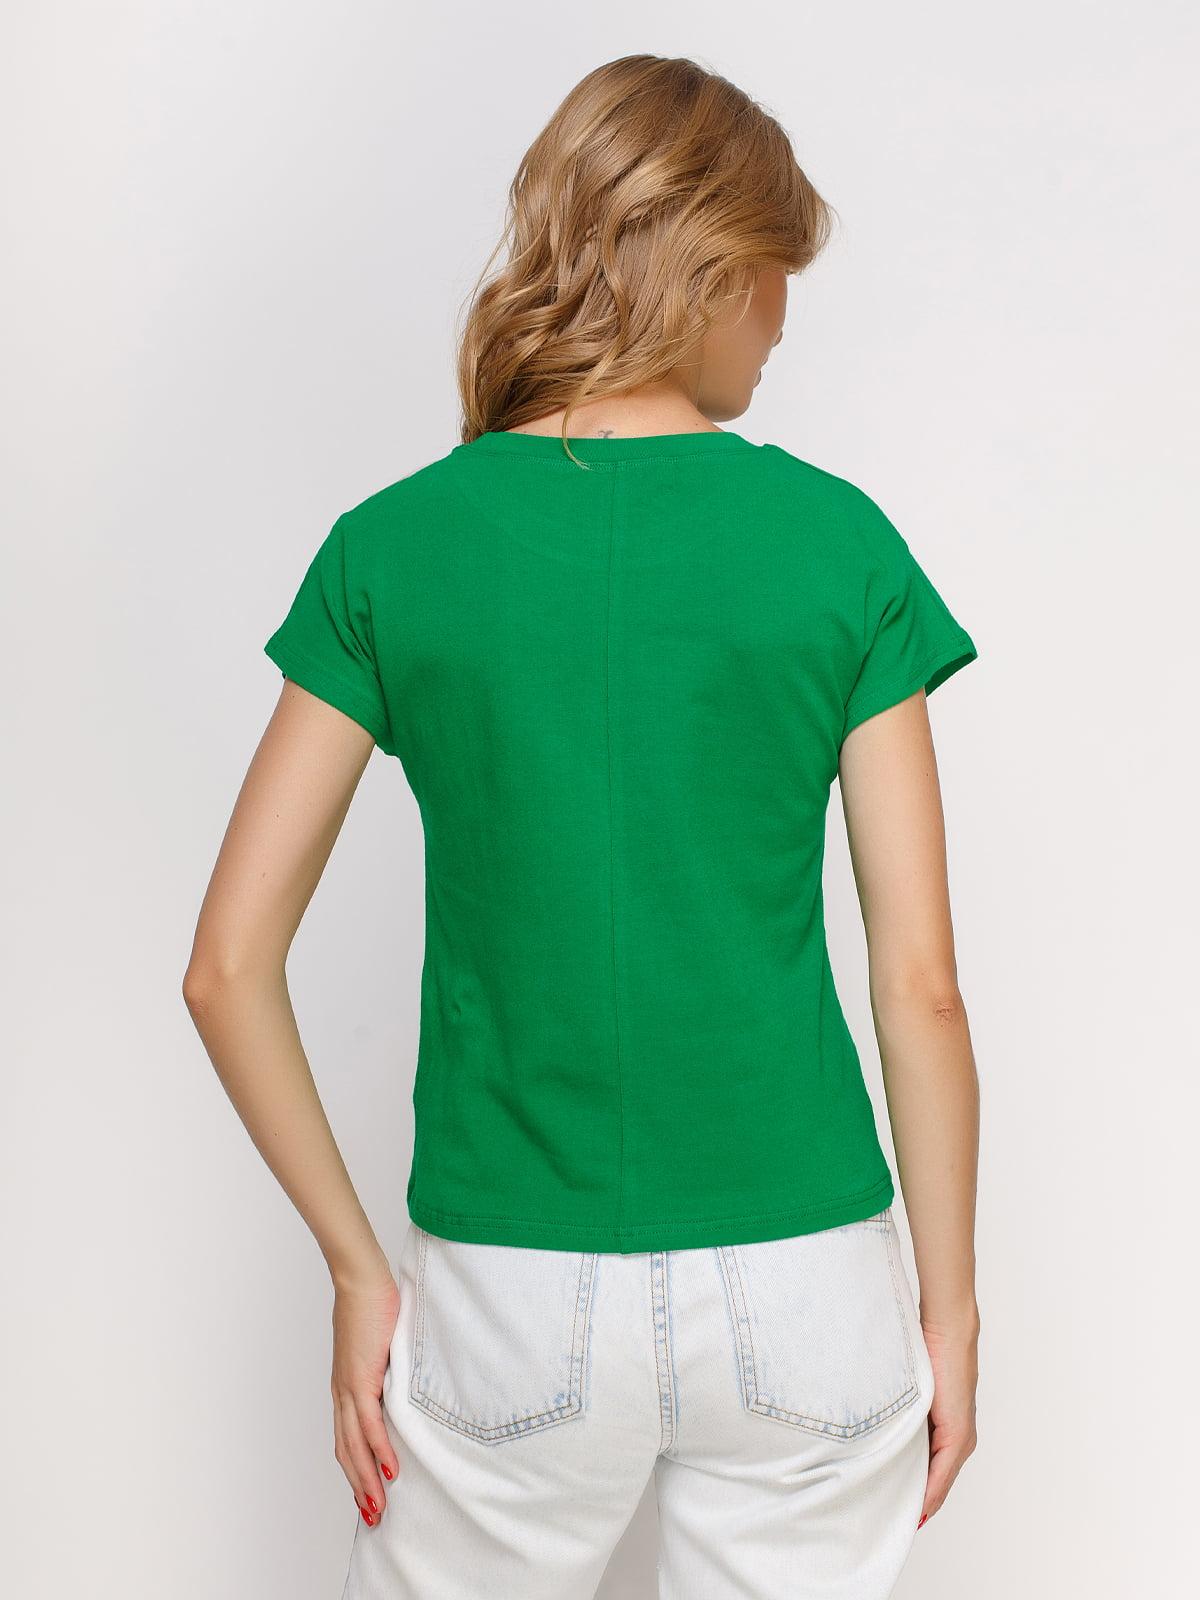 Футболка зеленая с принтом | 4578132 | фото 2